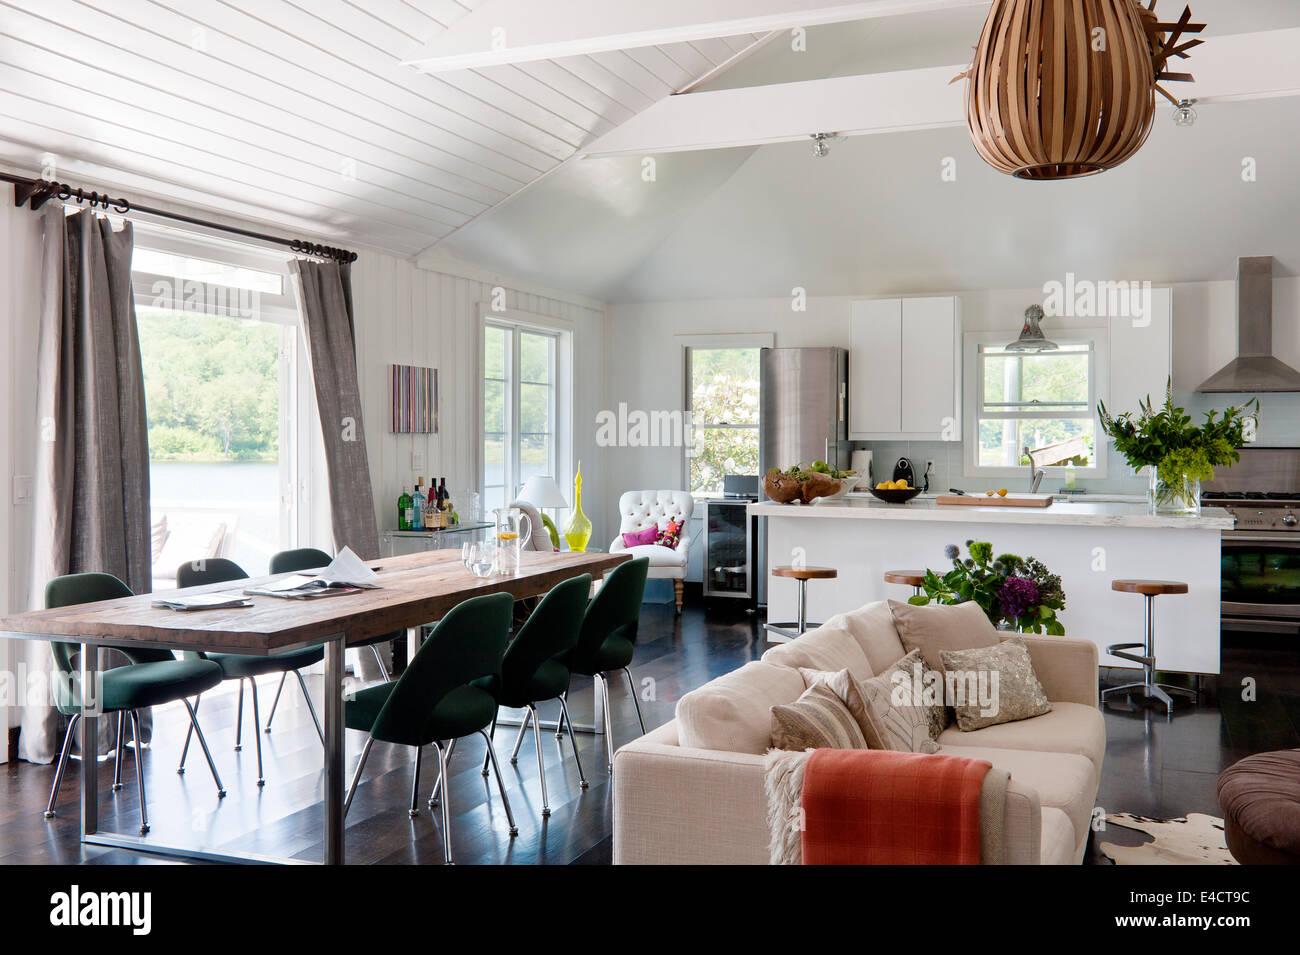 Kronleuchter Modern Ikea ~ Weiße offene wohnraum mit ikea küchenmöbel knoll saarinen